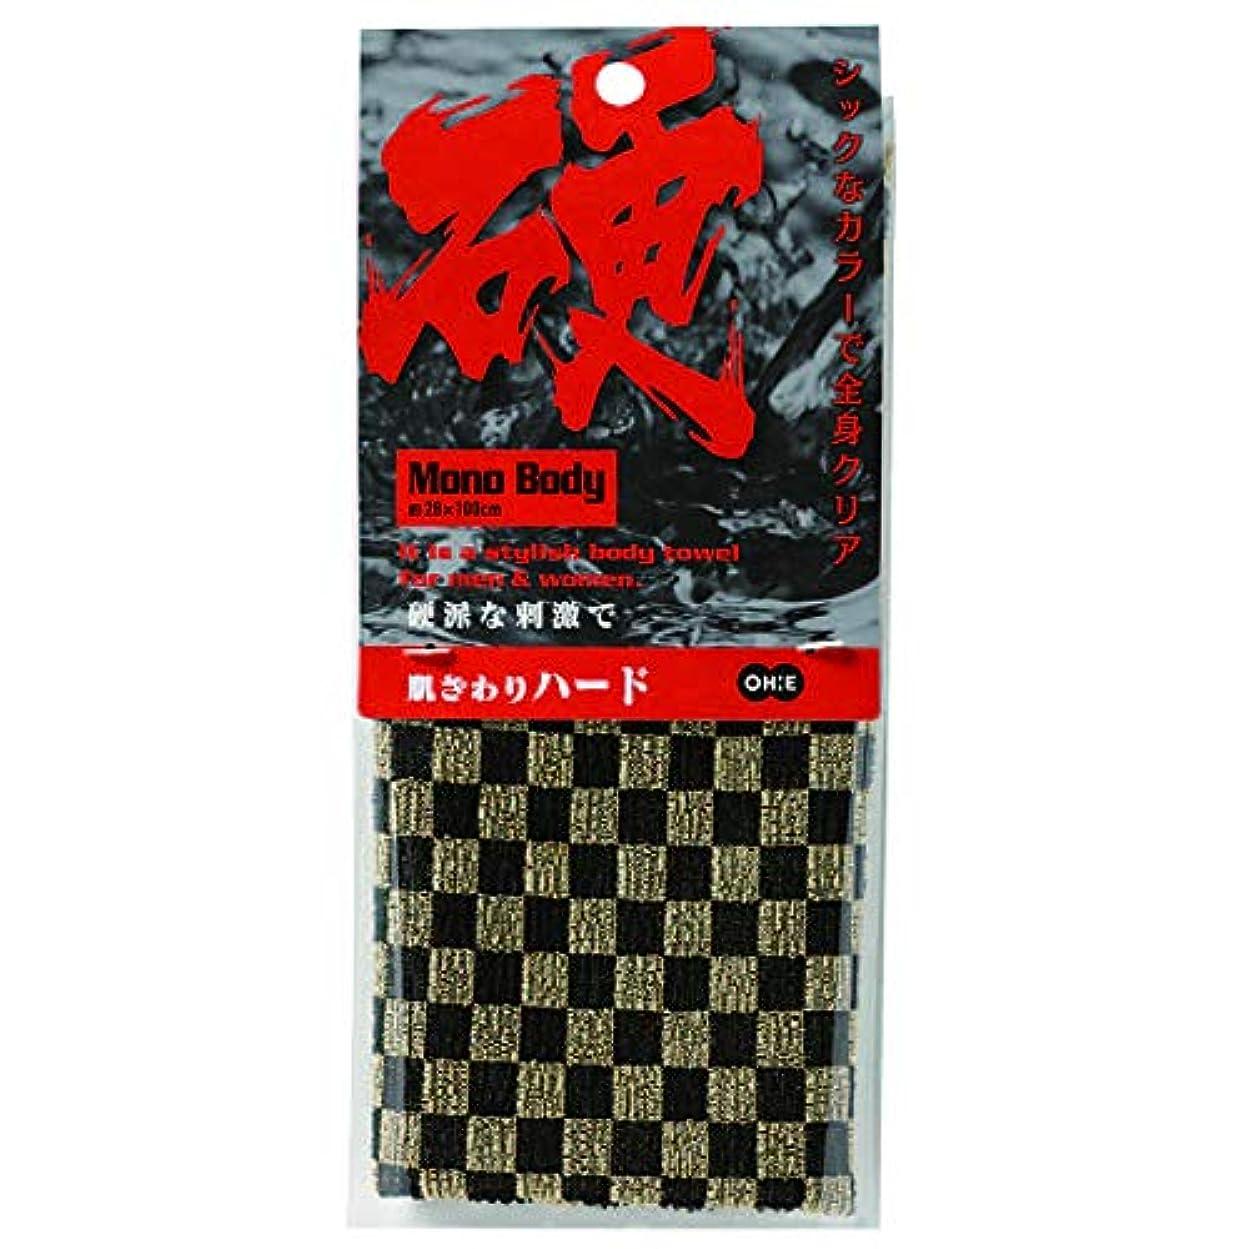 悪性伝導喜ぶオーエ ボディタオル グレー 黒 約幅28×長さ100cm MB 硬 ハード チェック 体洗い 日本製